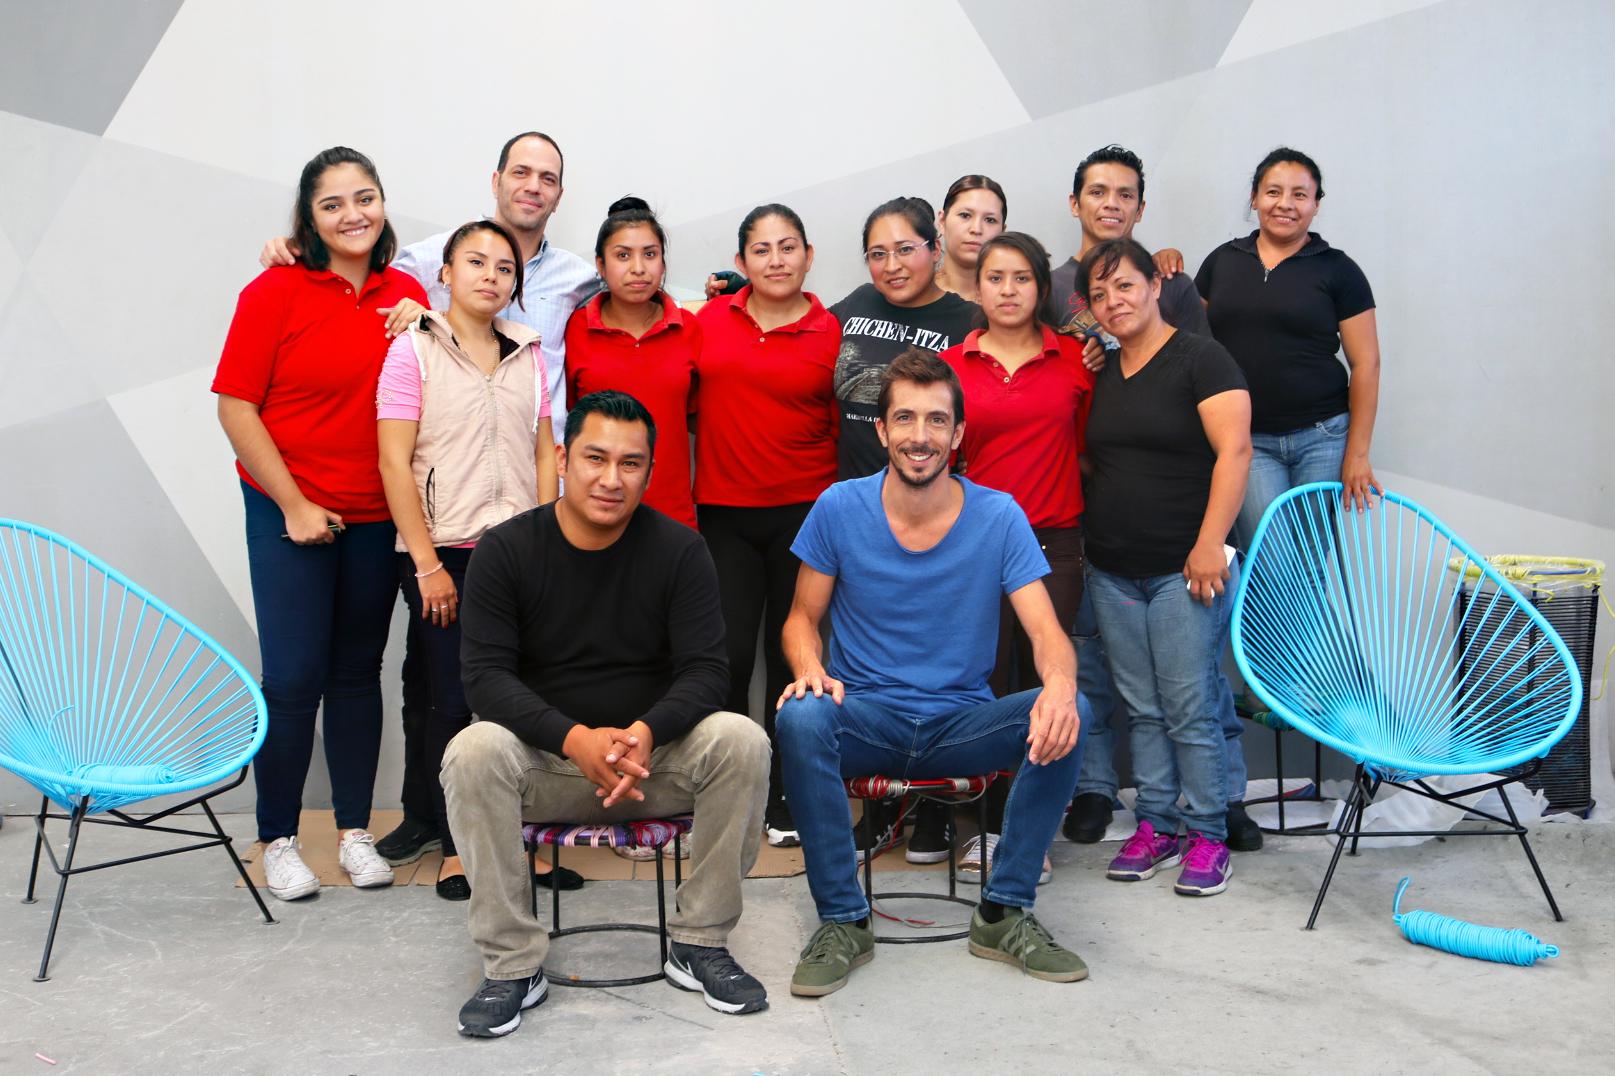 Team Silla Acapulco Mexico